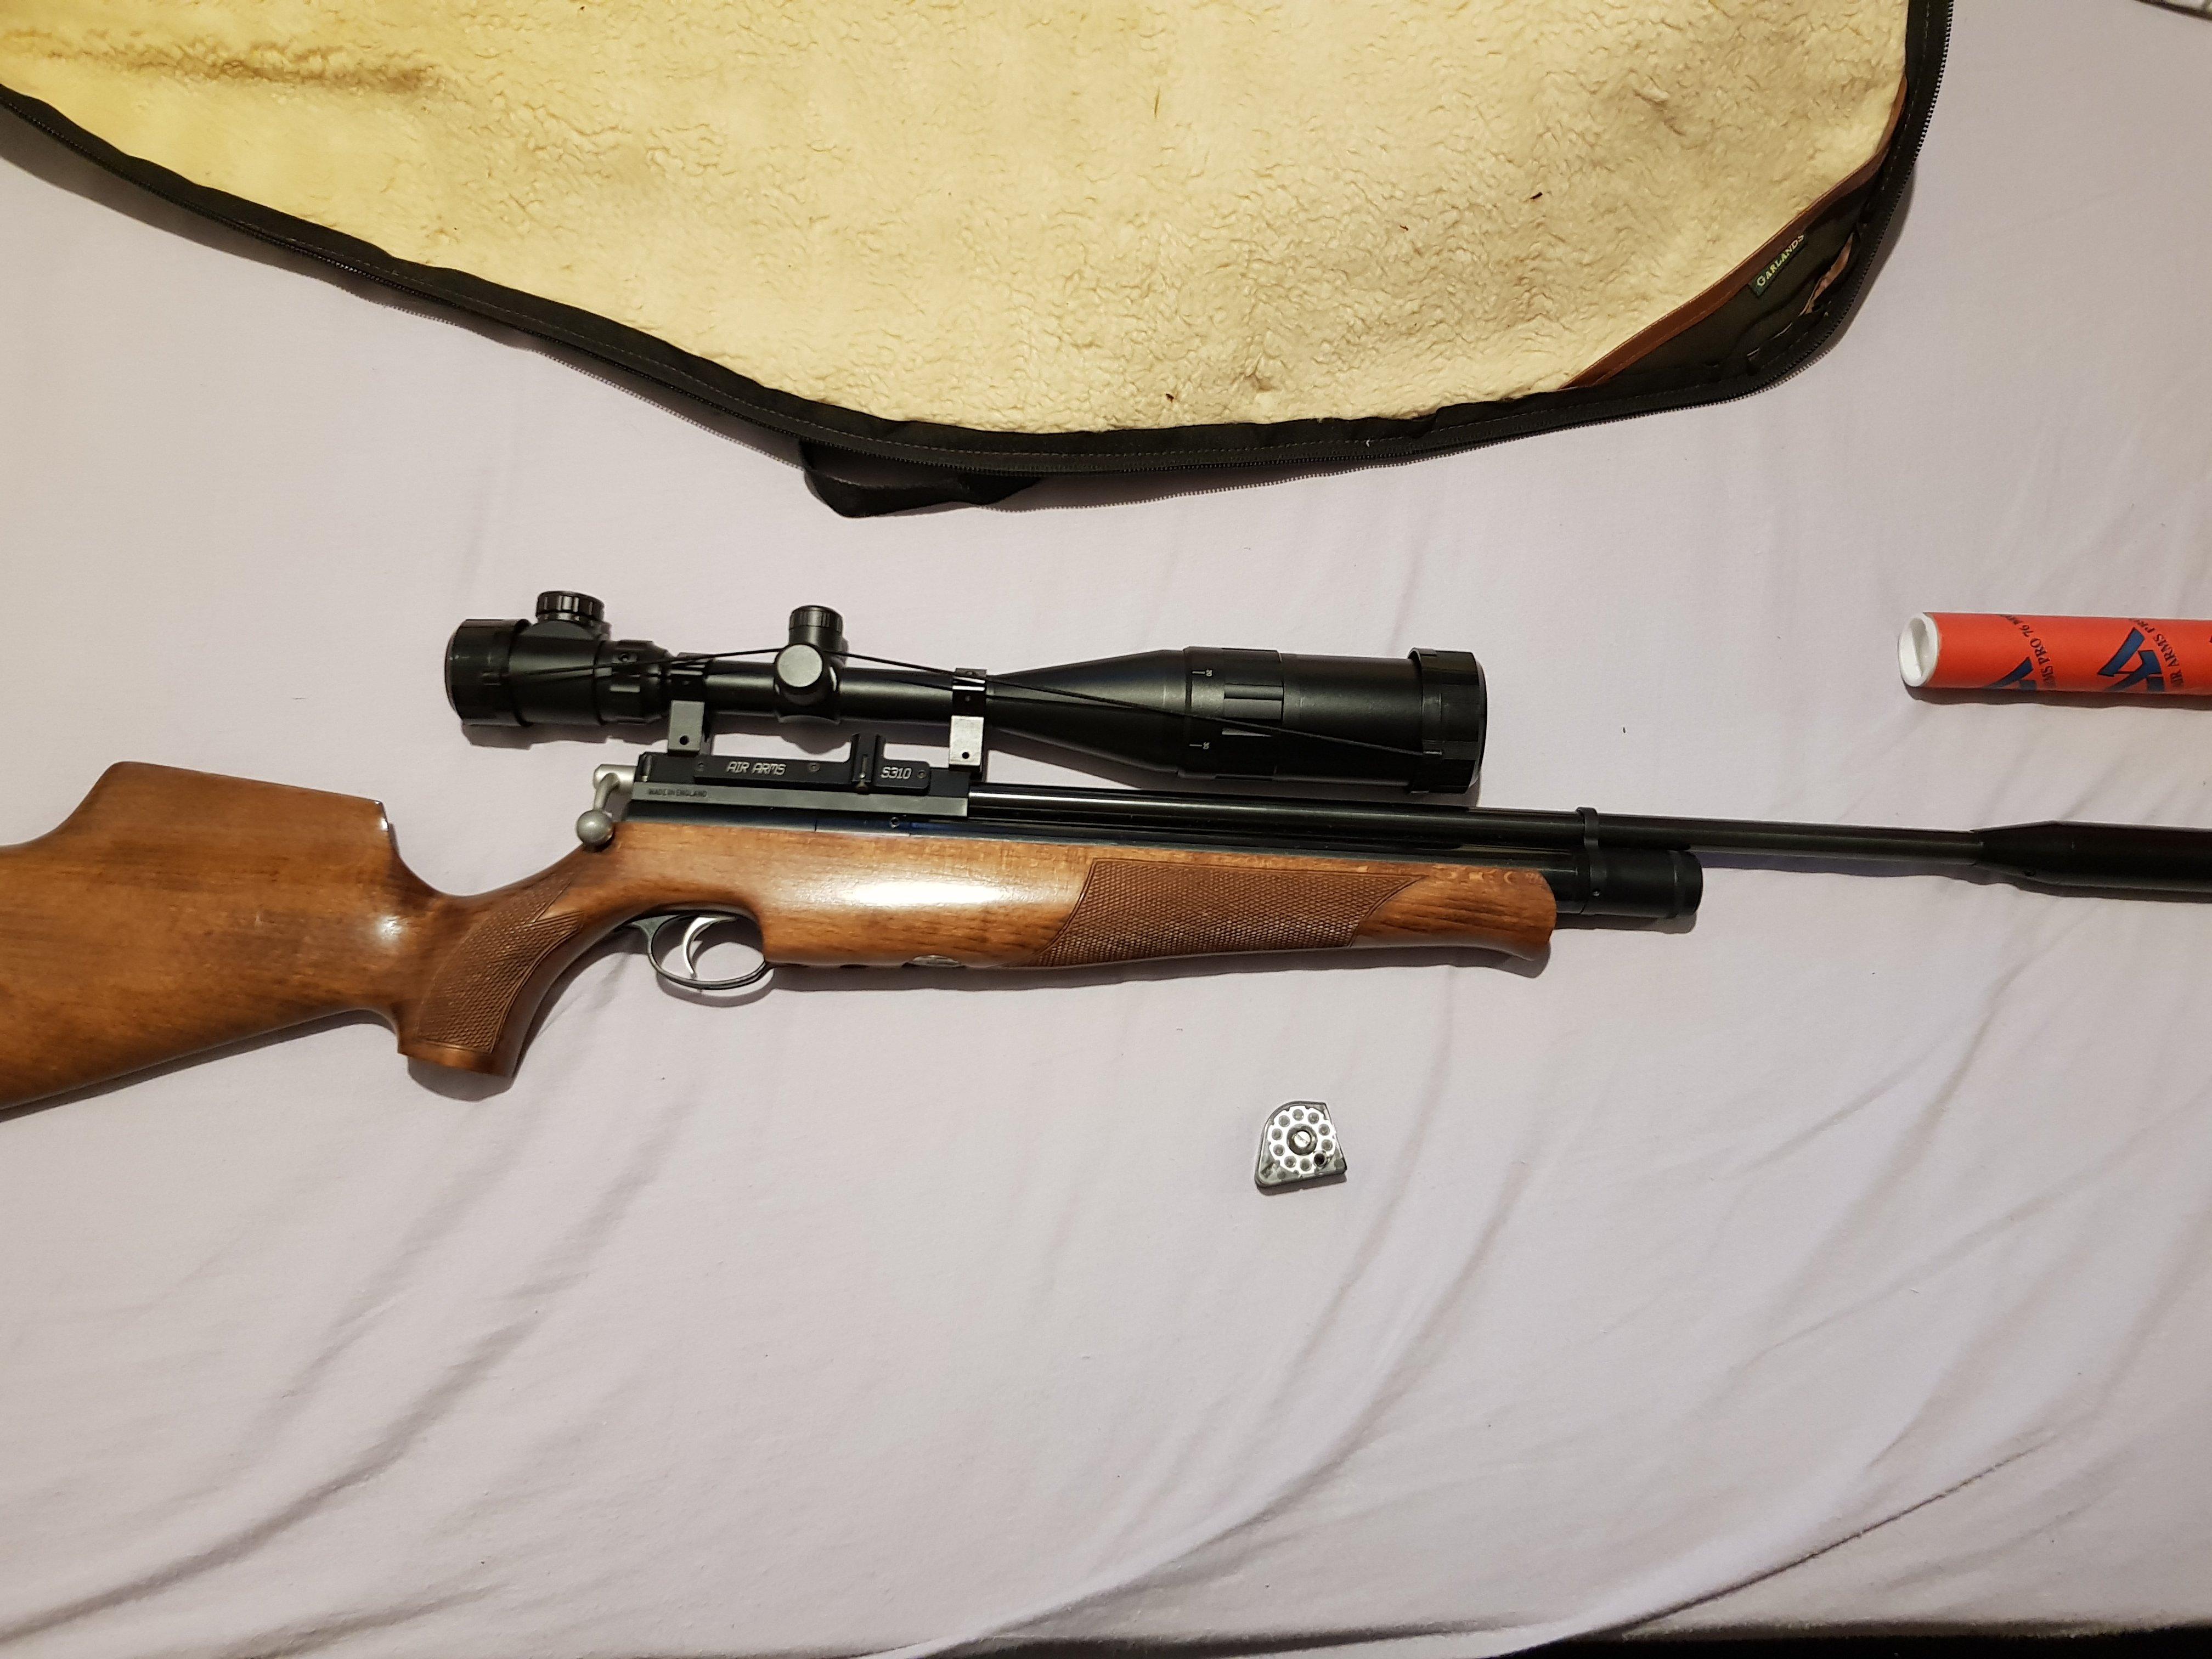 Air rifle clear out air arms s310 gunpower stealth stoeger